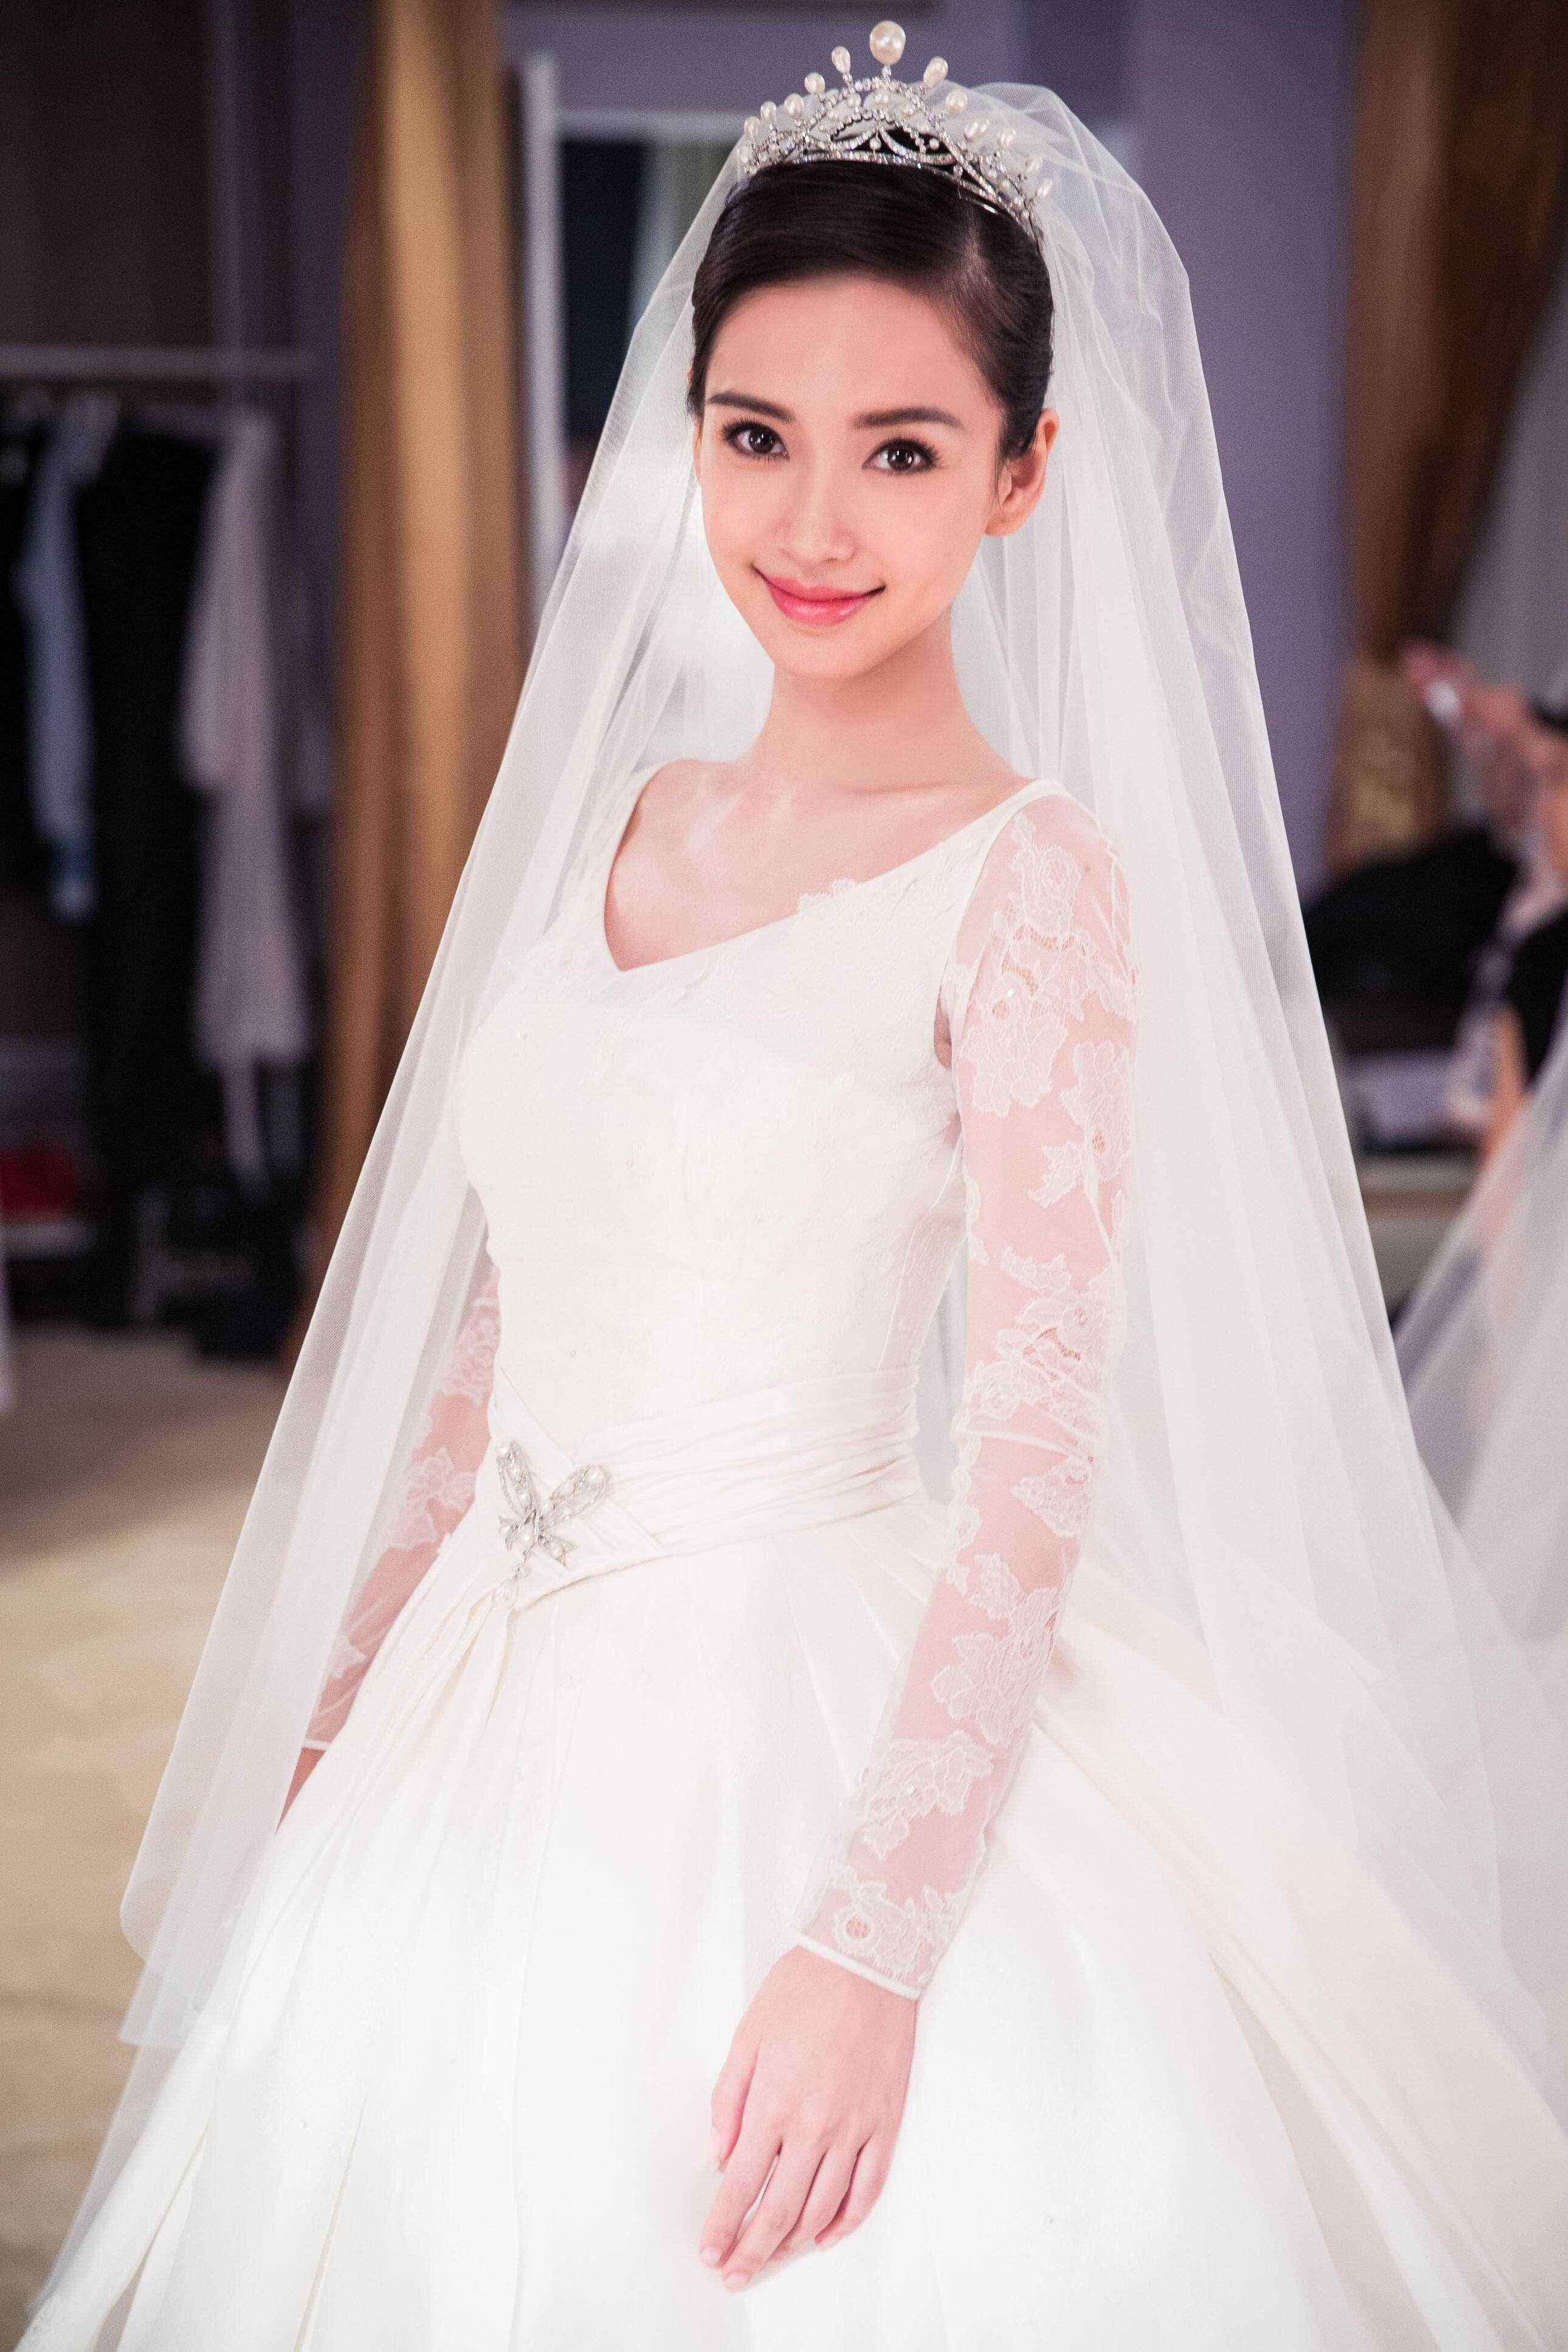 Анджела бейби свадьба фото